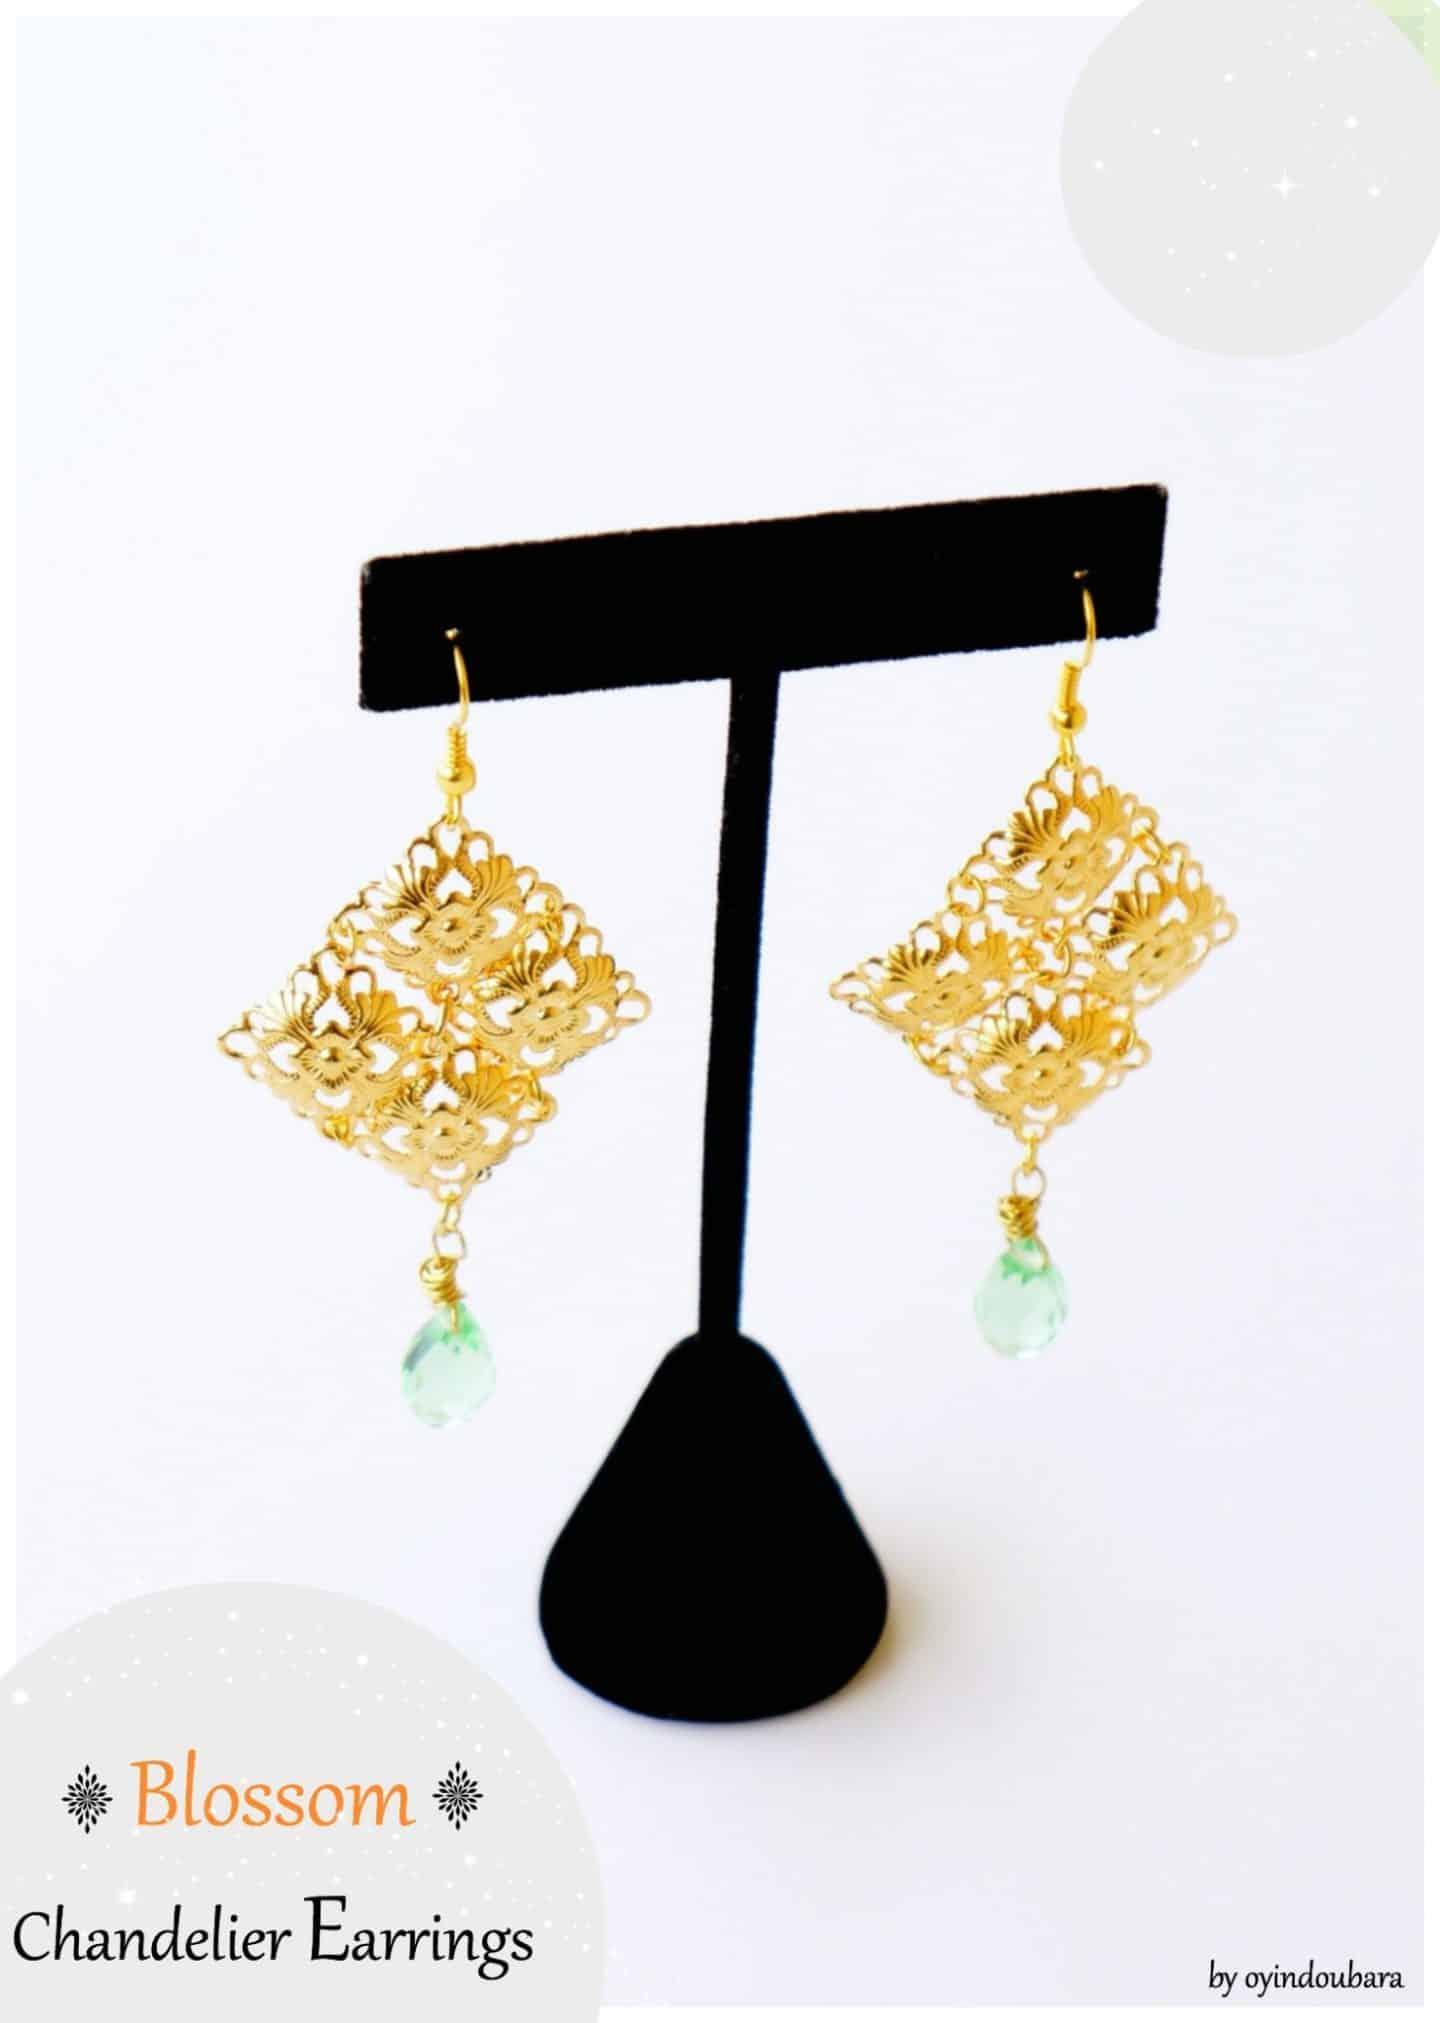 Jewelry diy blossom chandelier earrings jewelry diy blossom chandelier earrings aloadofball Choice Image